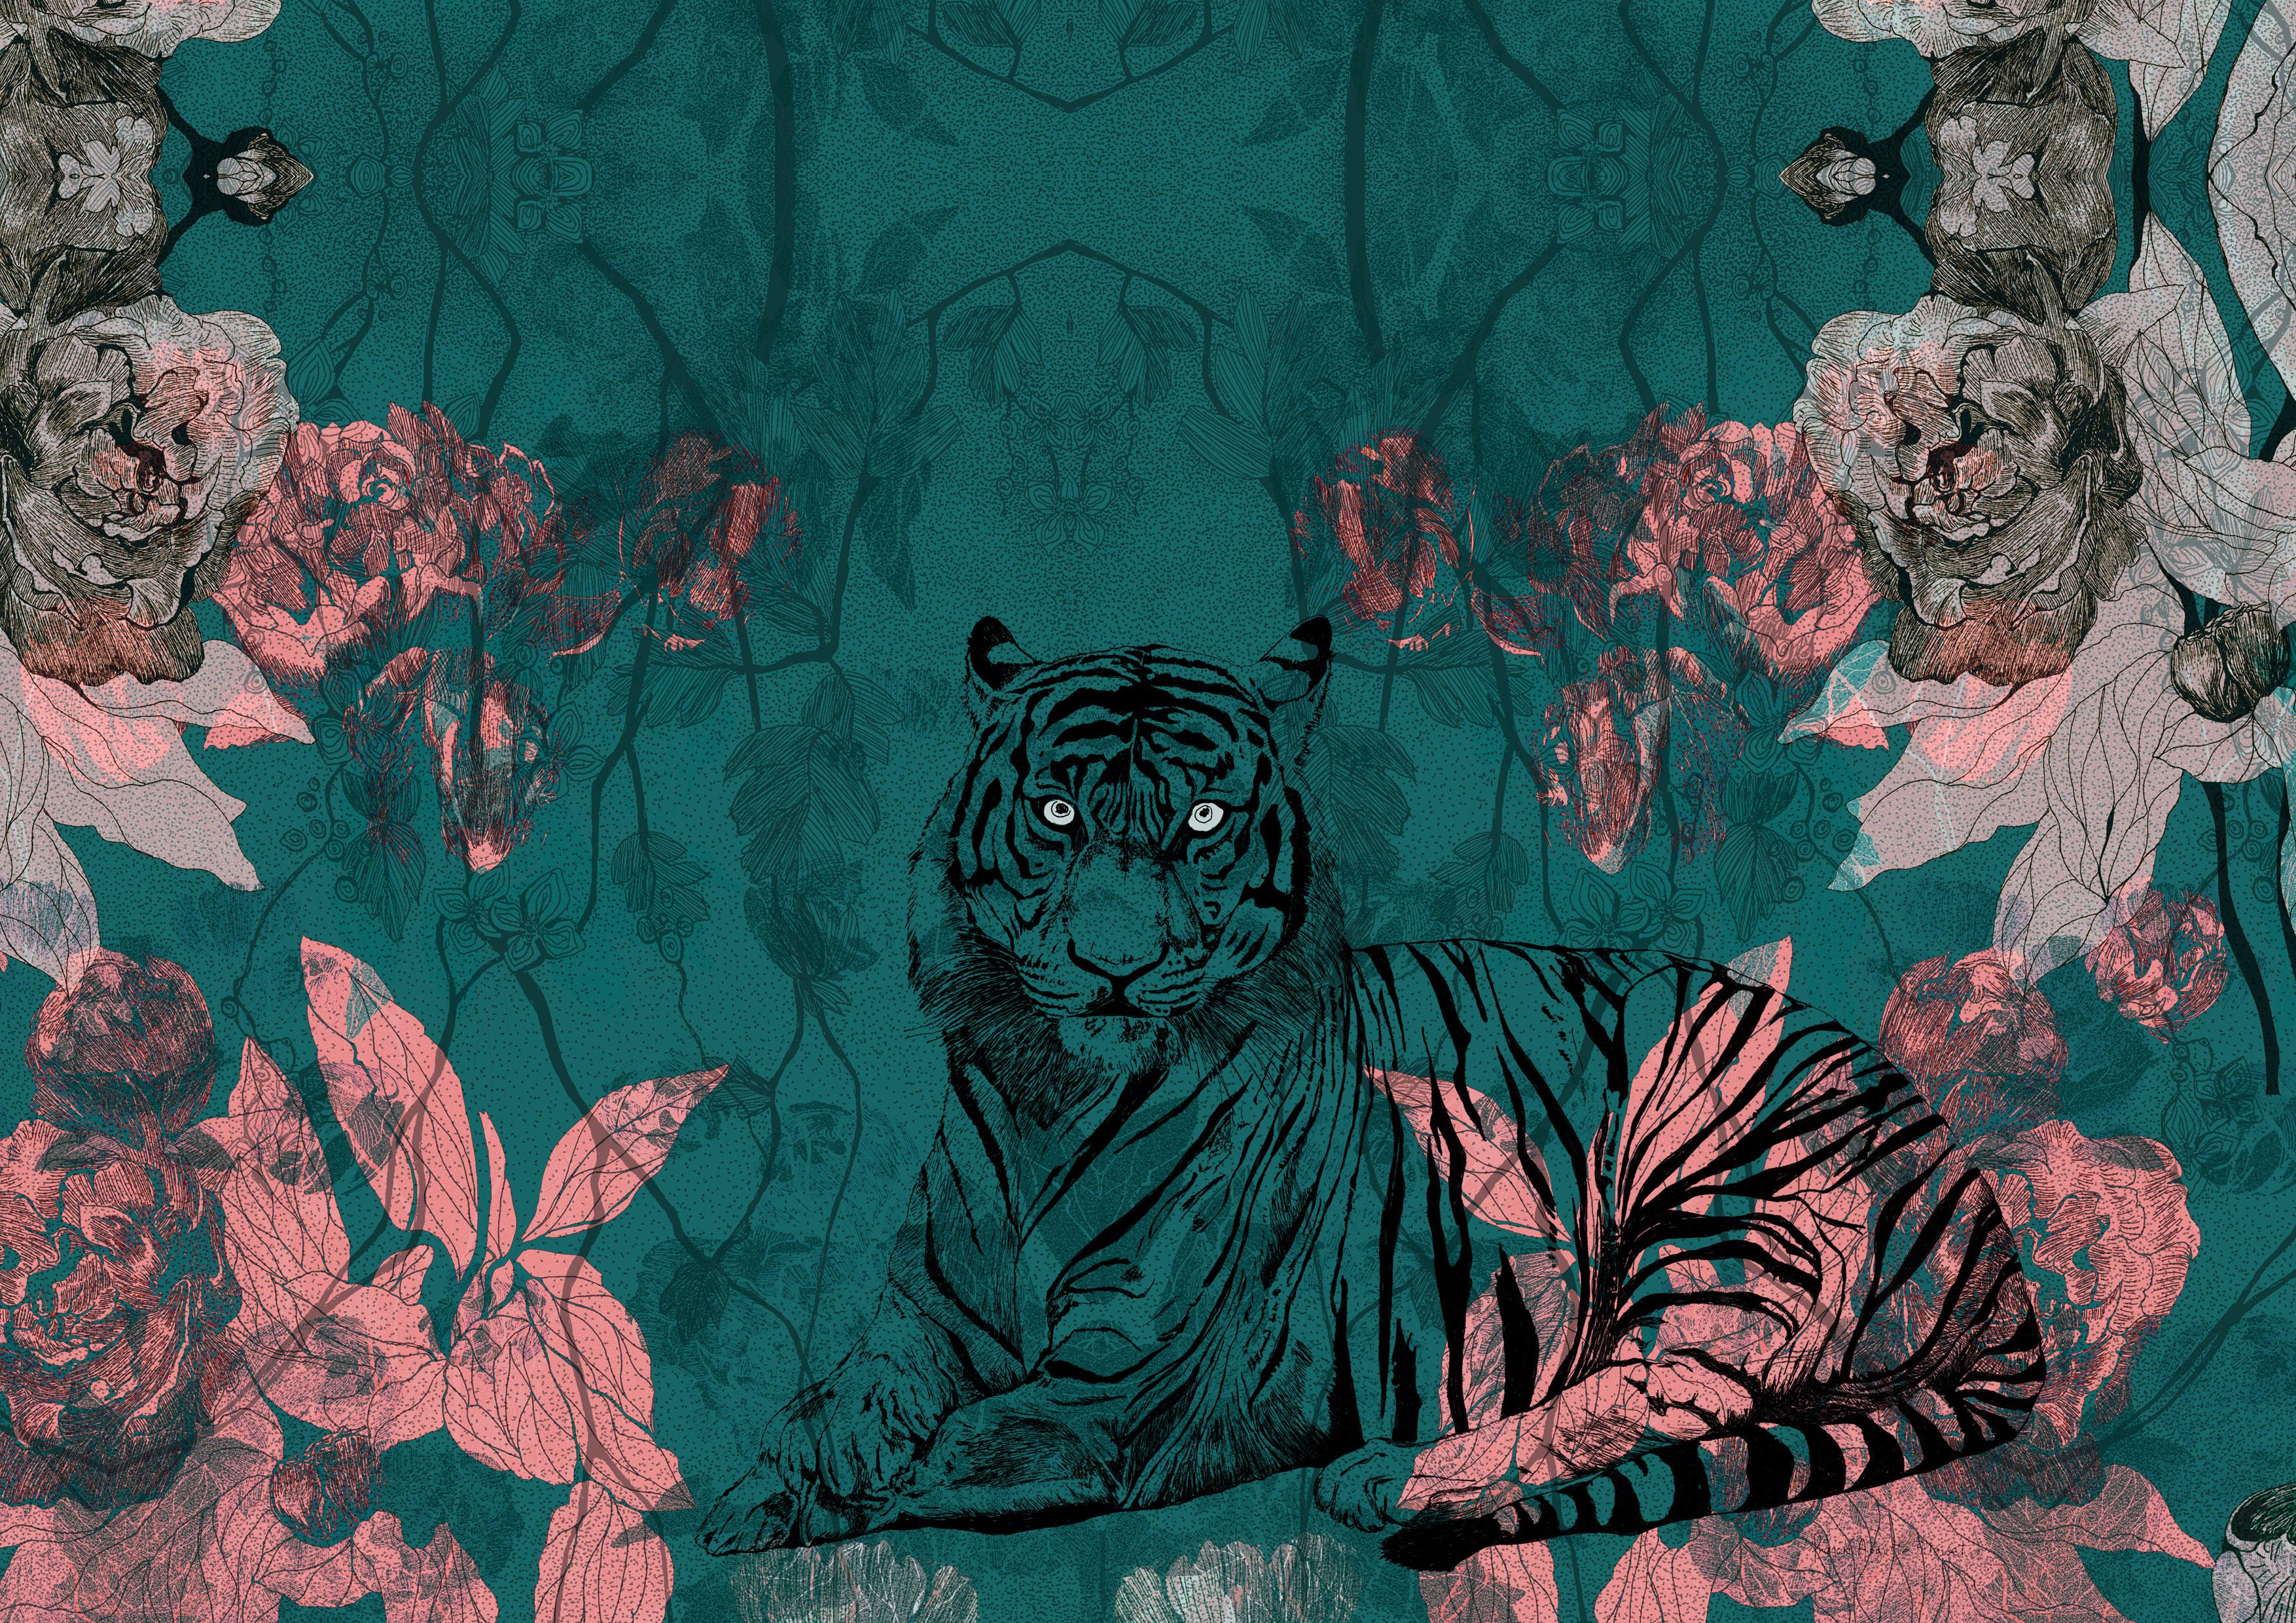 tigris paeoniafranck auguste pitoiset to